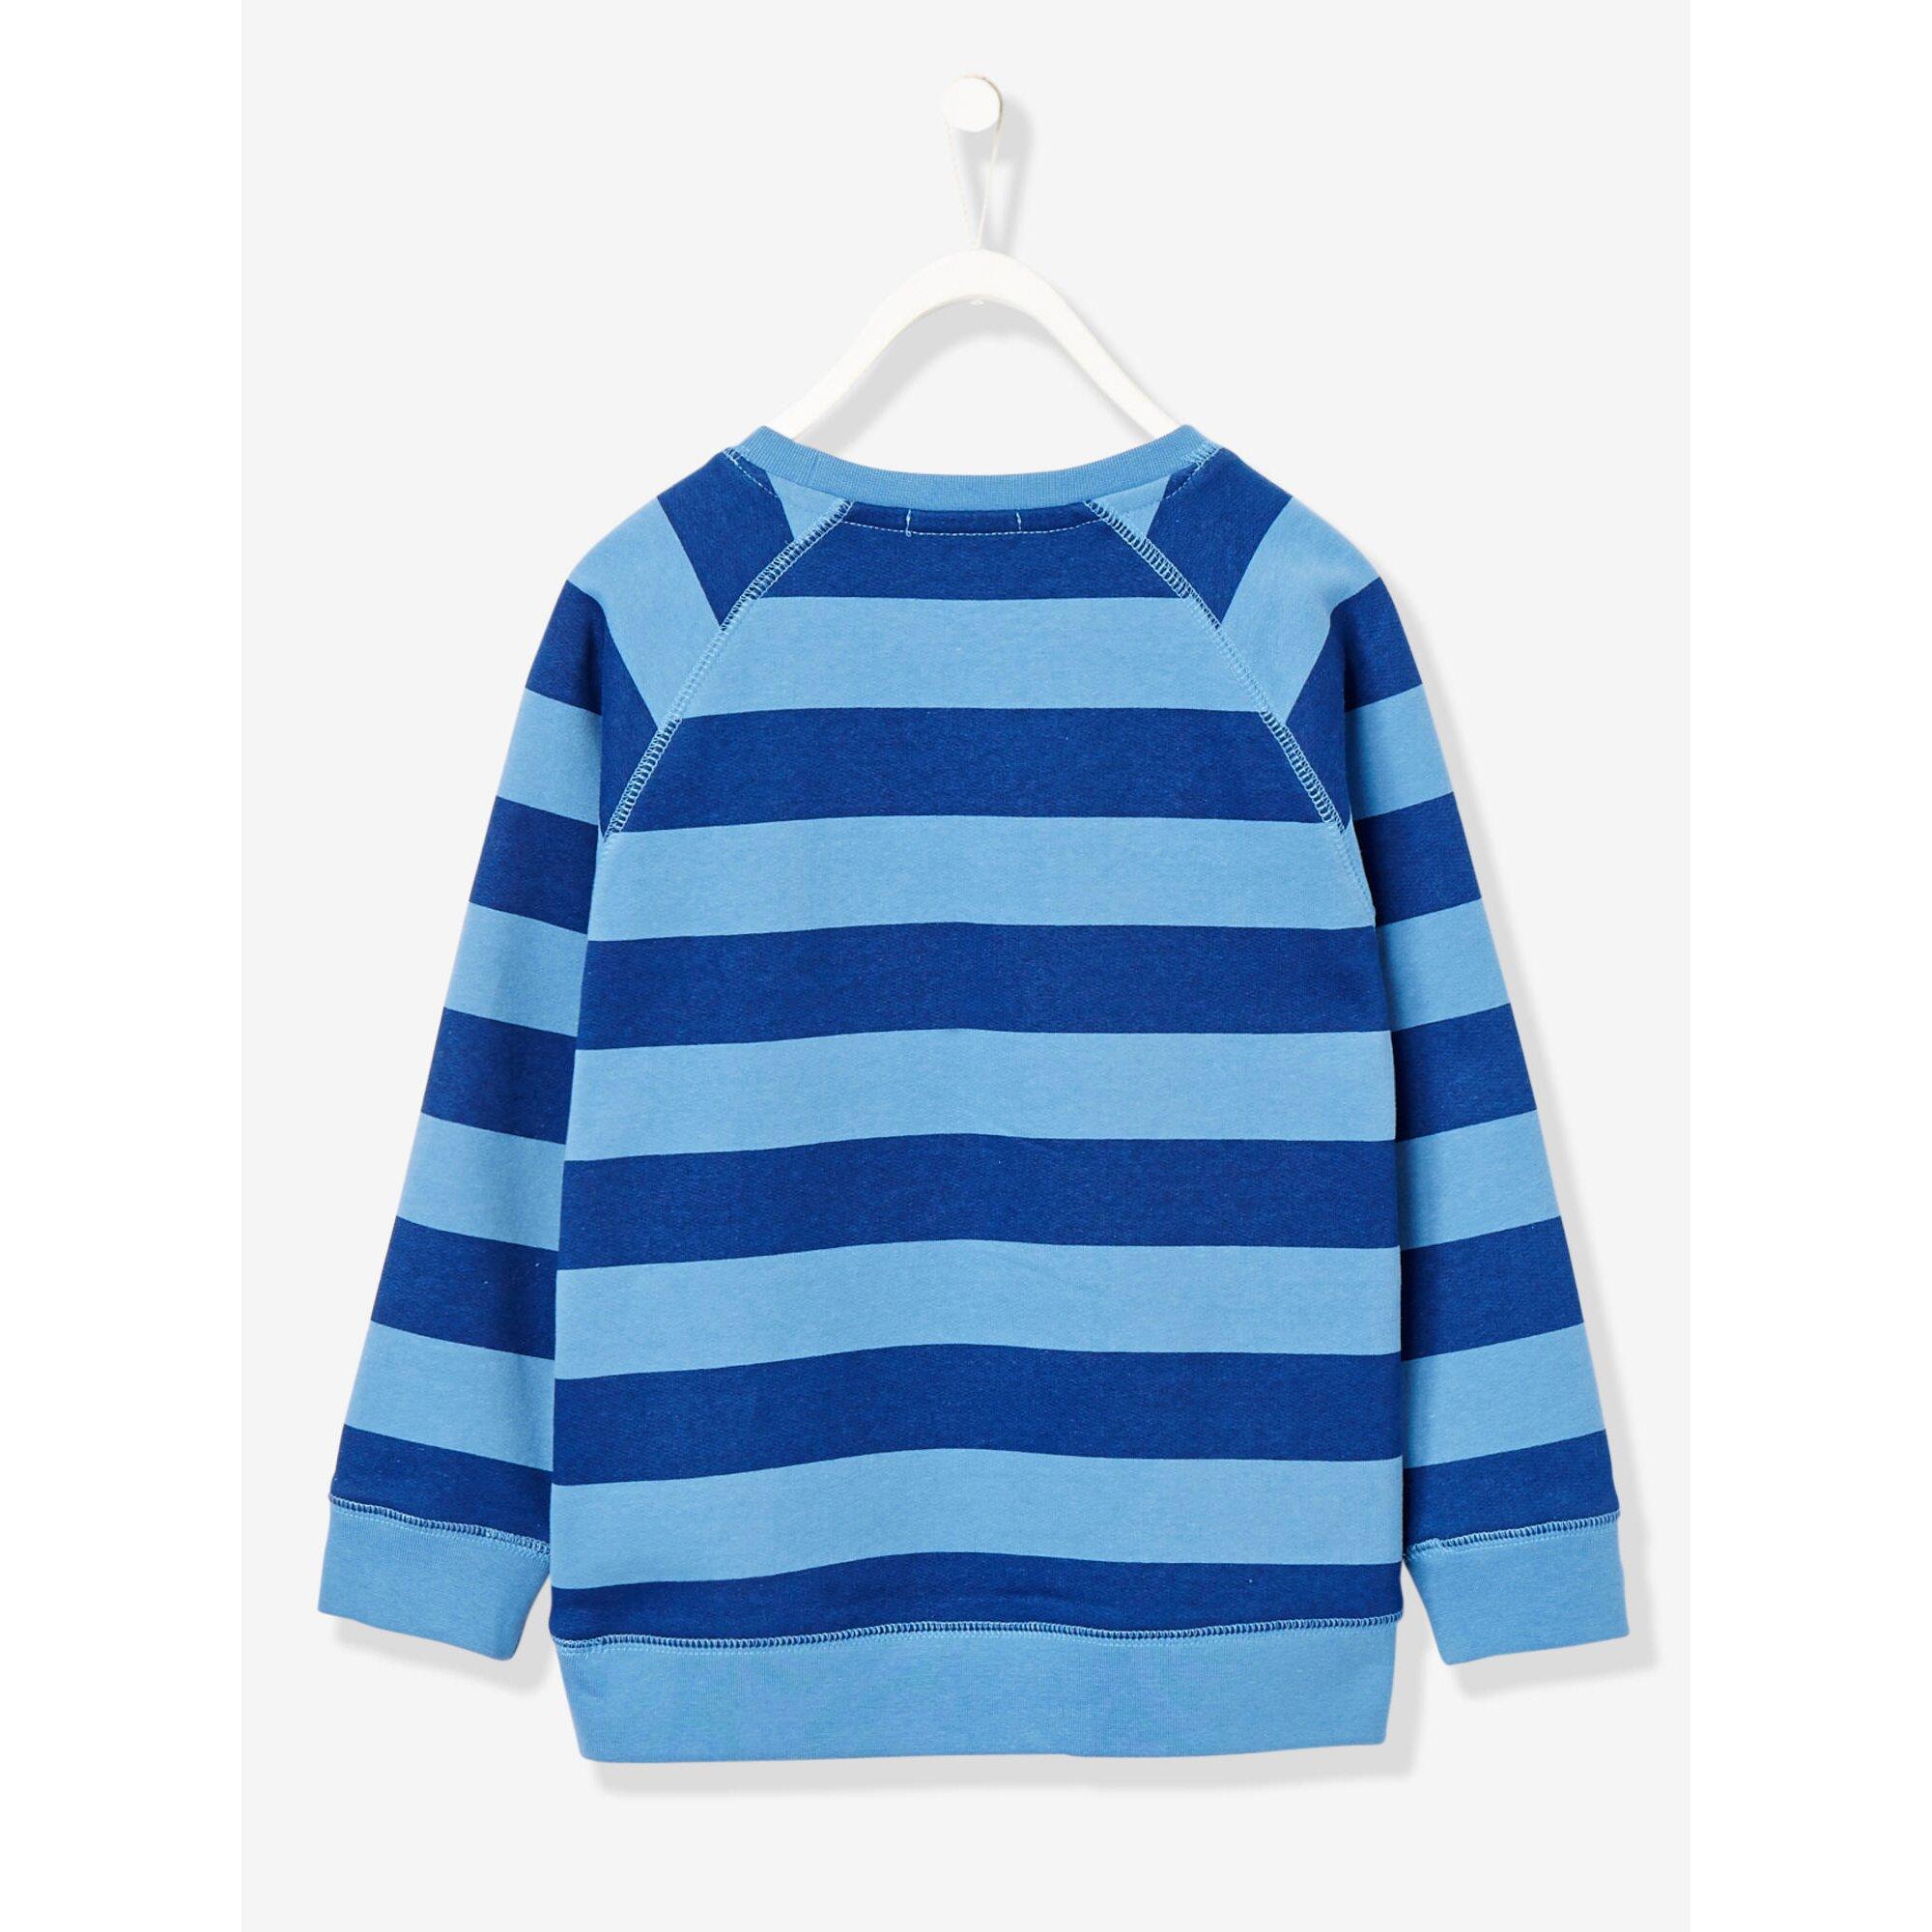 vertbaudet-sweatshirt-fur-jungen-gestreift, 18.99 EUR @ babywalz-de